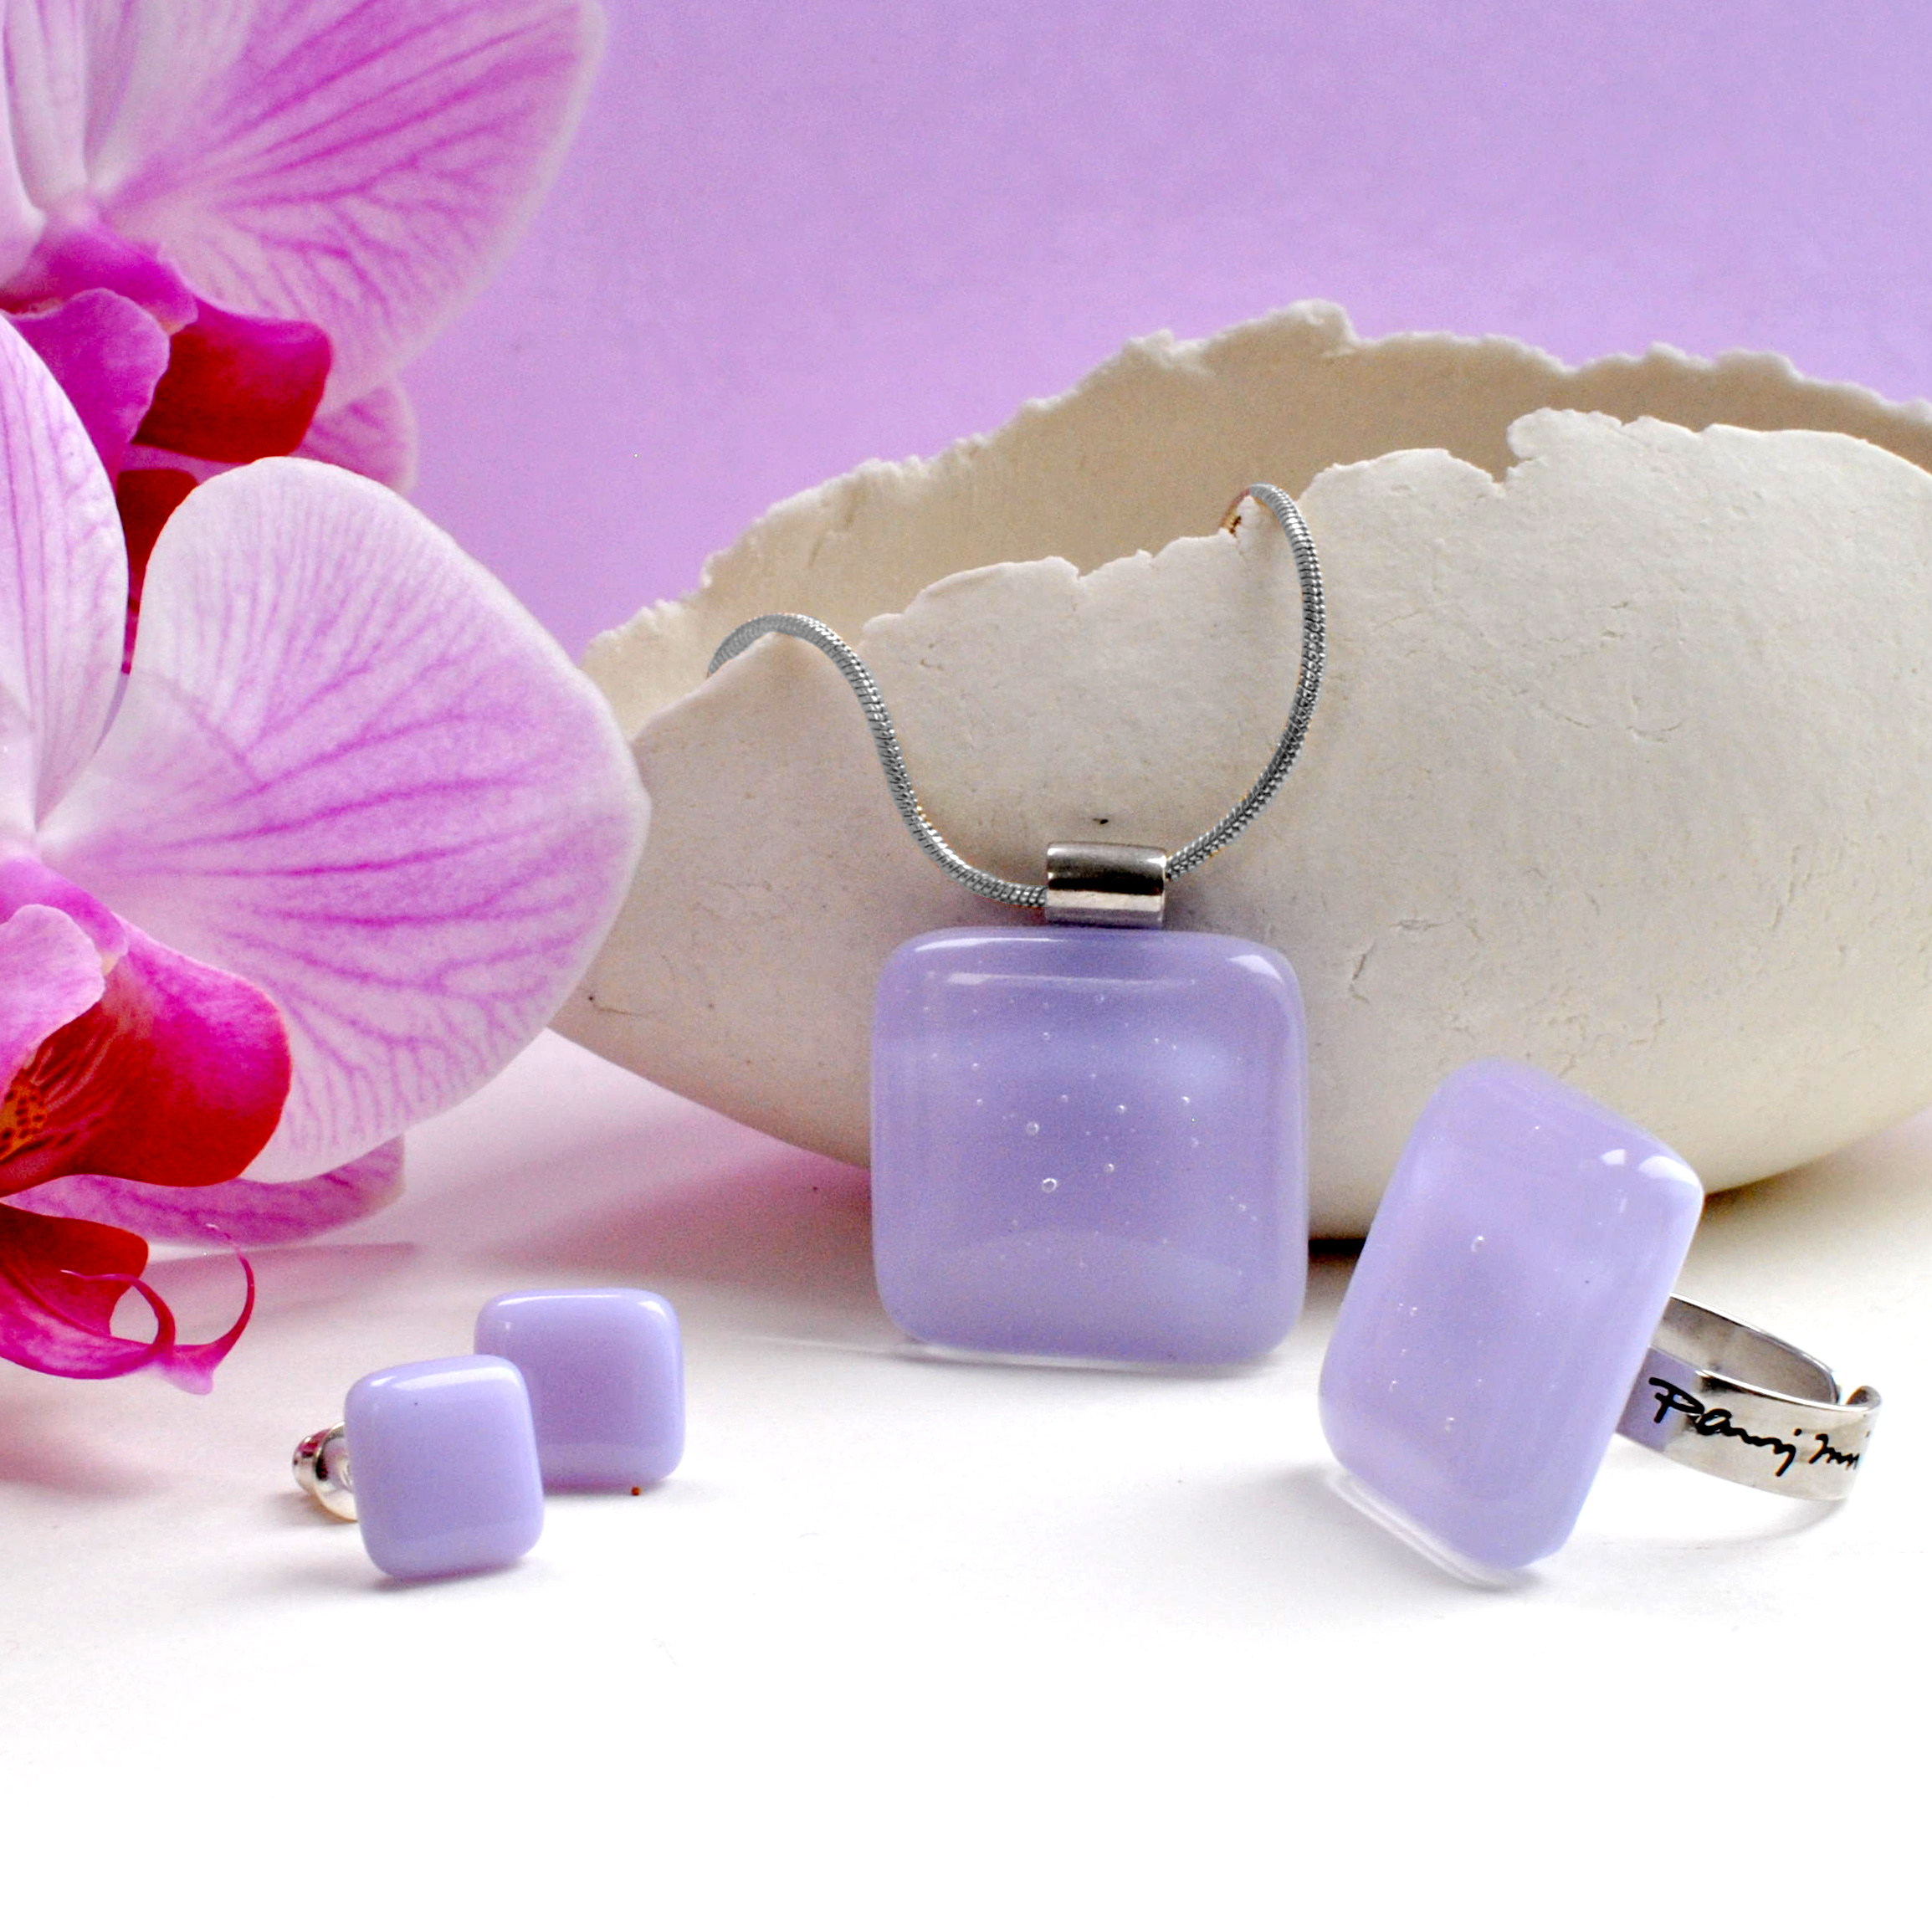 ragyogo_orchidea_09.jpg